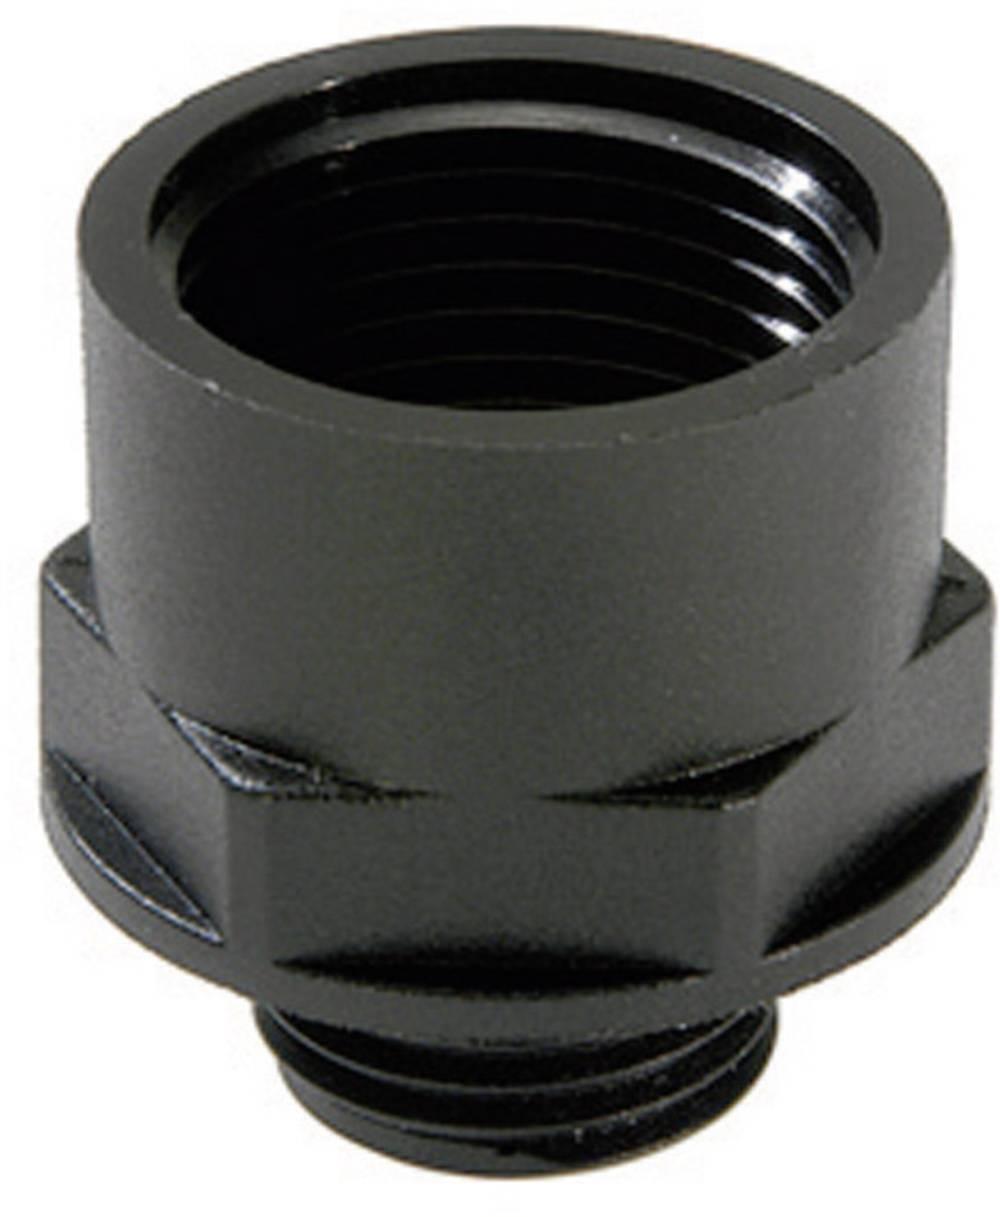 Kabelska uvodnica, podaljšek M16 M20, poliamid črne barve (RAL 9005) Wiska ATEX EX-KEM 16/20 1 kos